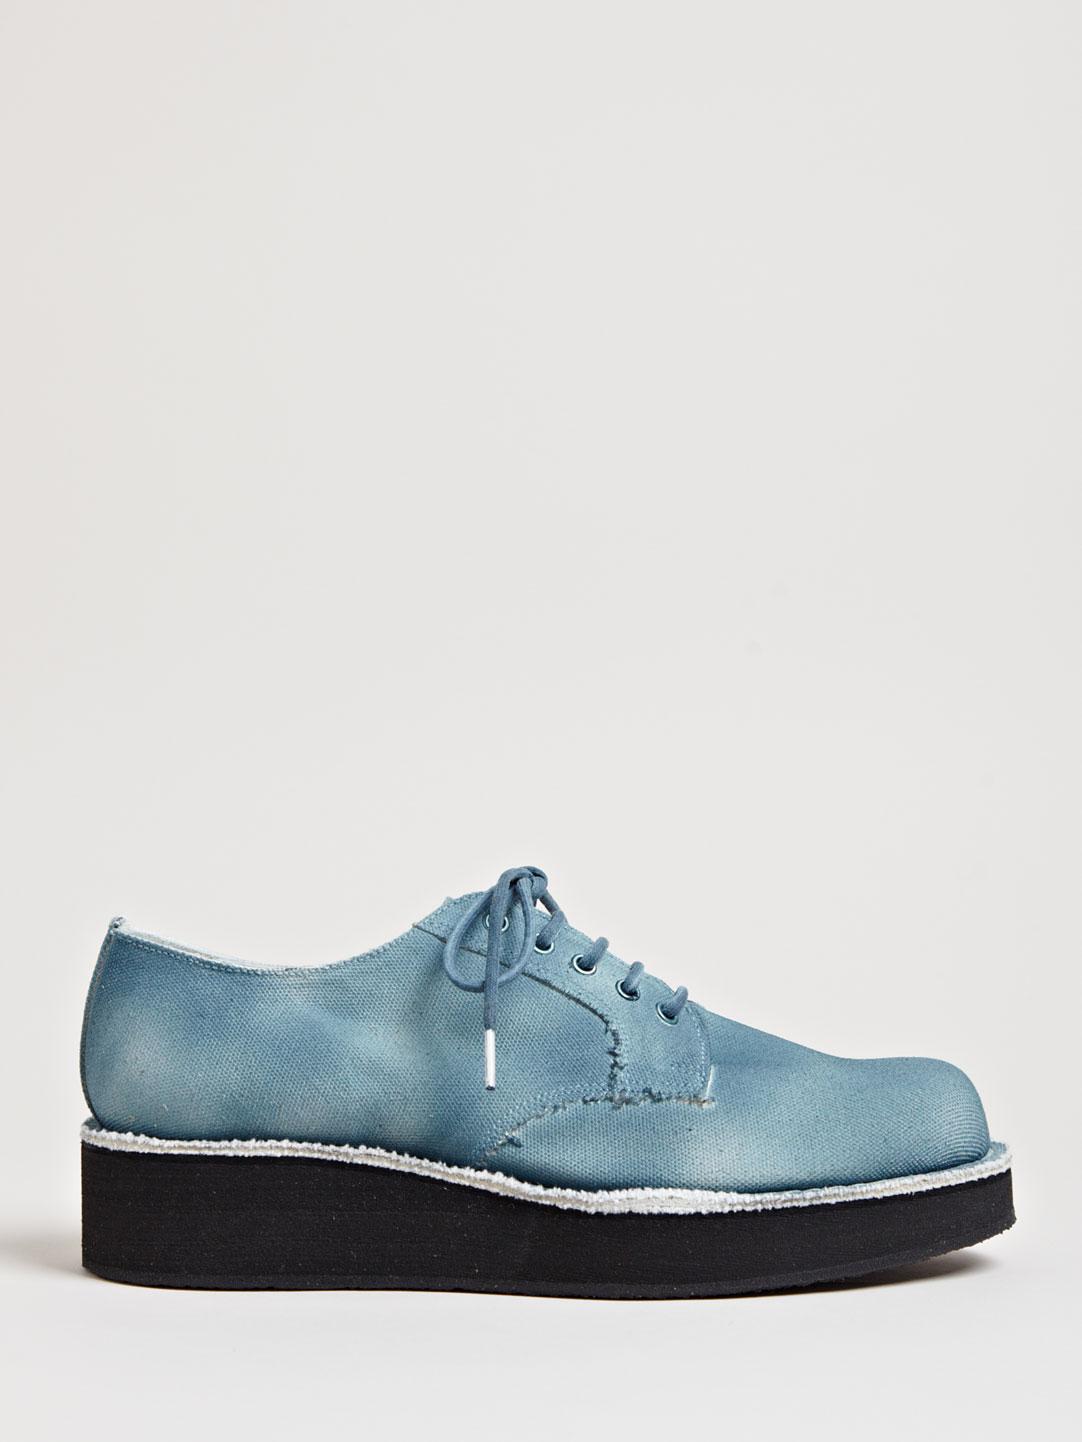 Mens Low Top Canvas Shoes